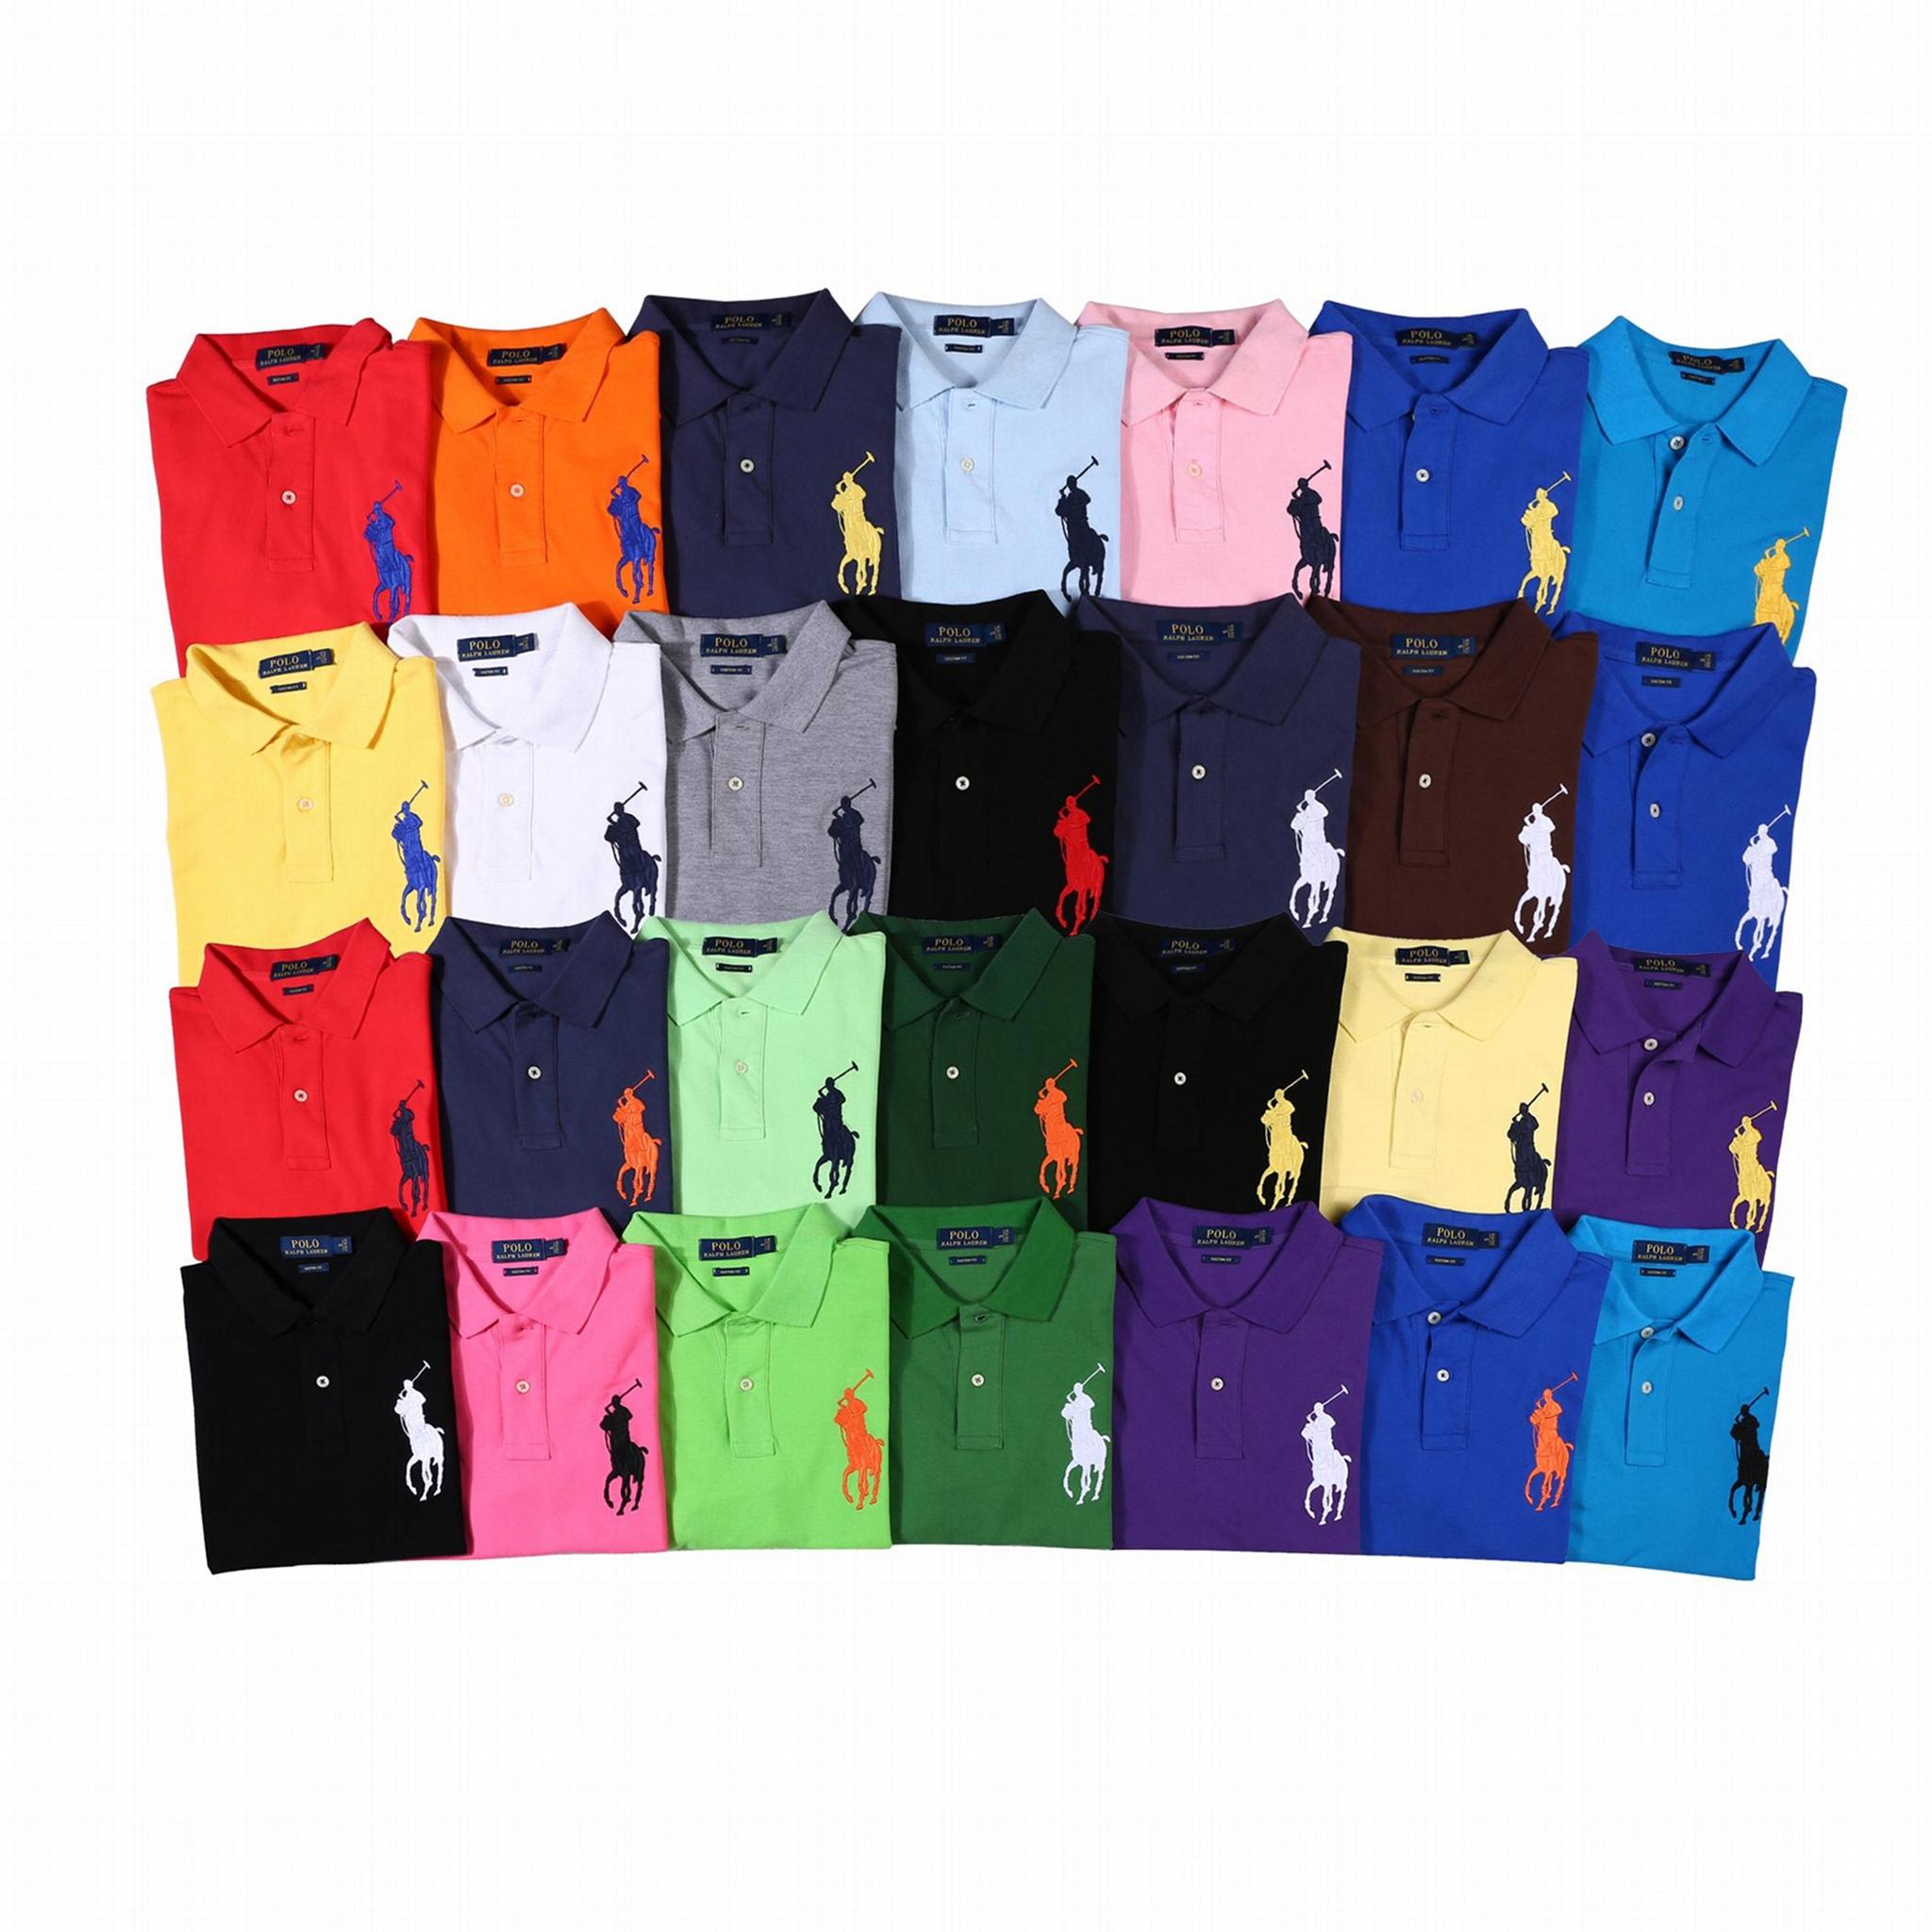 Polo Ralph Lauren Mens t shirts